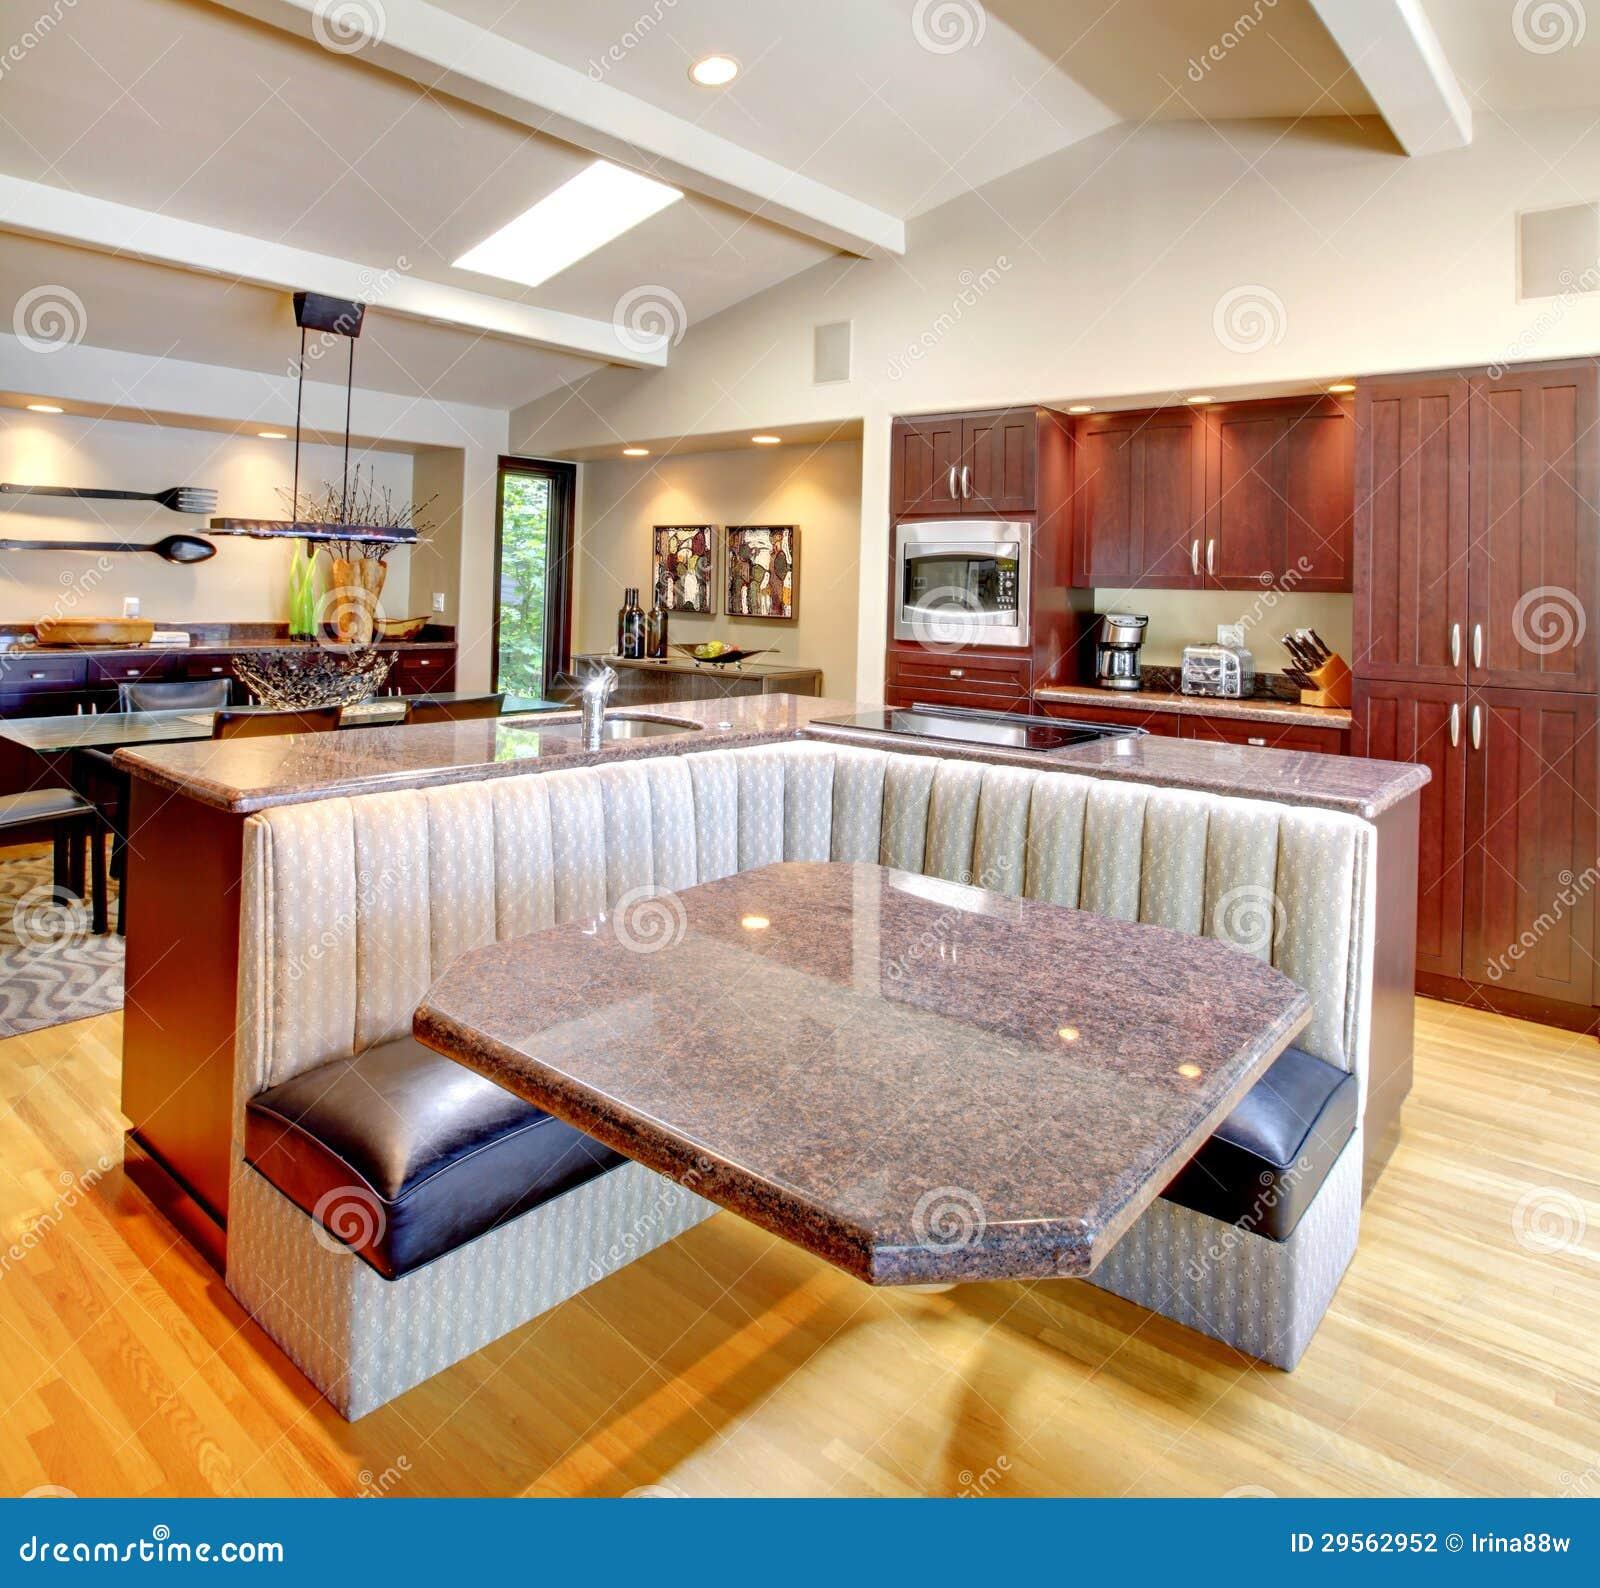 Cocina de caoba de lujo con muebles modernos fotograf a for Muebles italianos de lujo